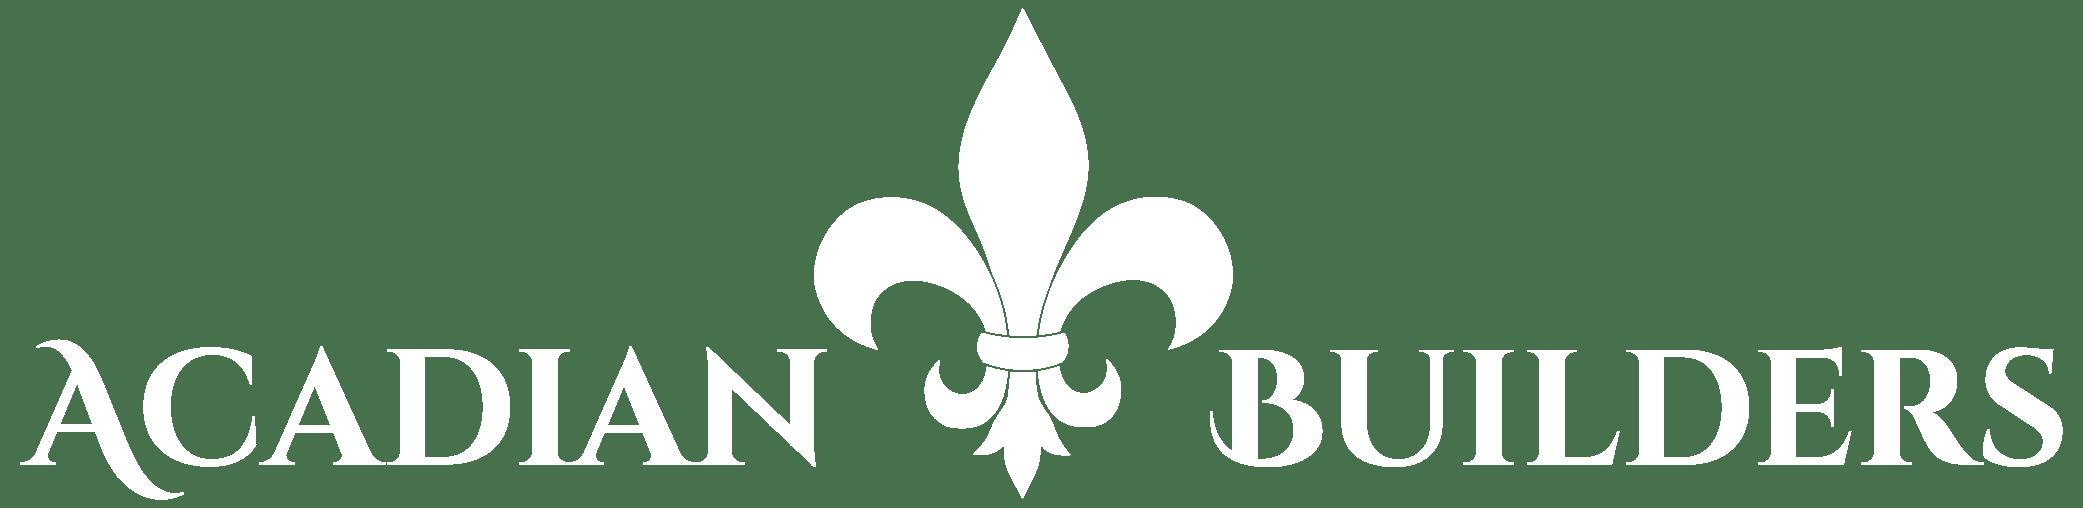 Acadian Builders logo